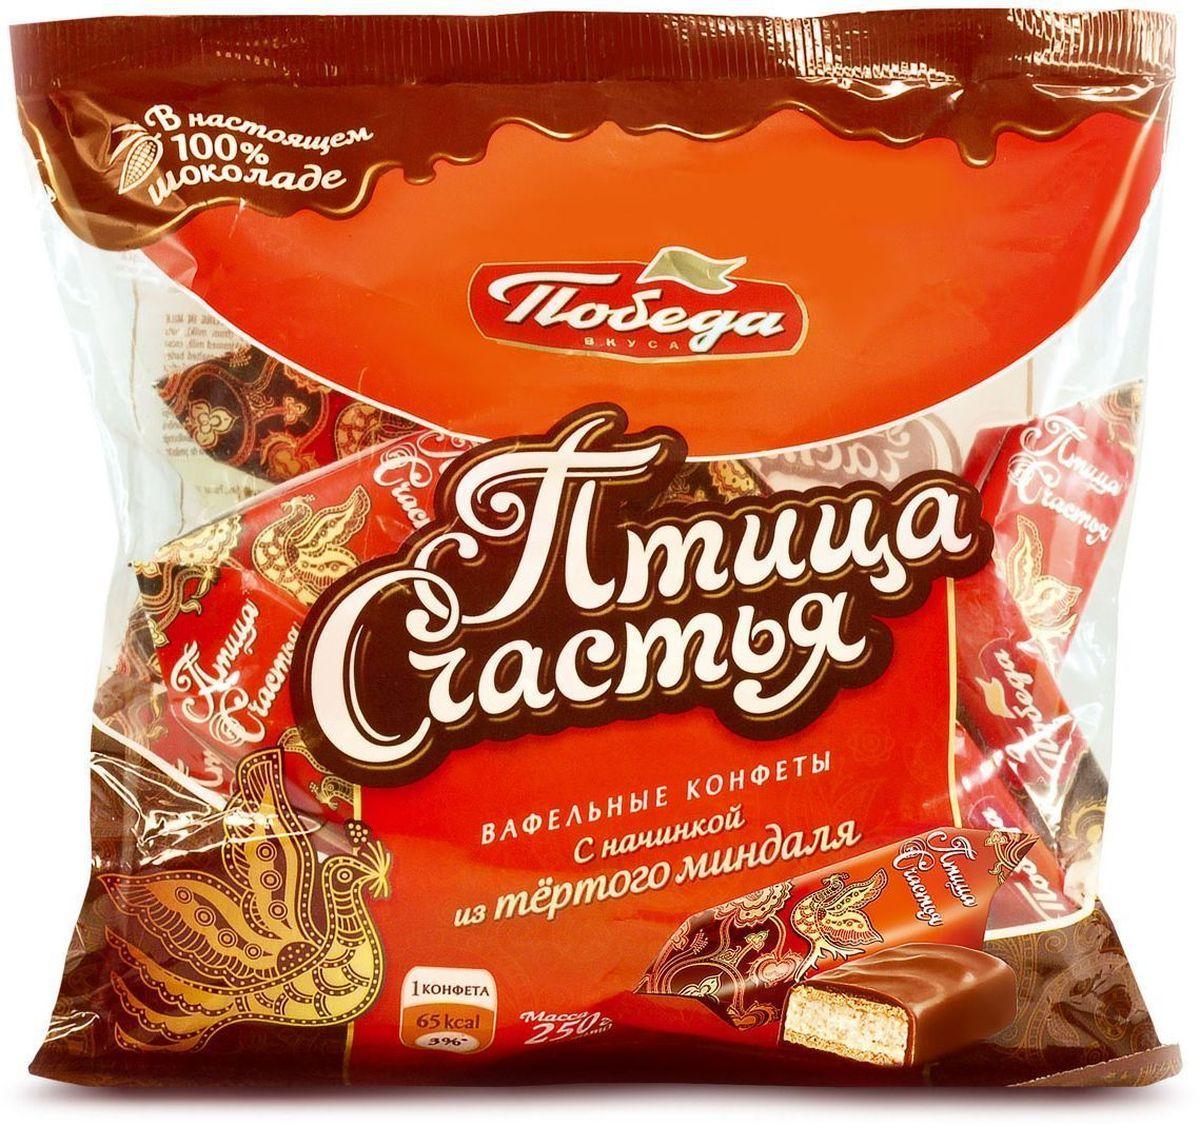 Победа вкуса Птица счастья вафельные конфеты с начинкой из тертого миндаля в сливочном шоколаде, 250 г kitkat mini темный шоколад с хрустящей вафлей 185 г